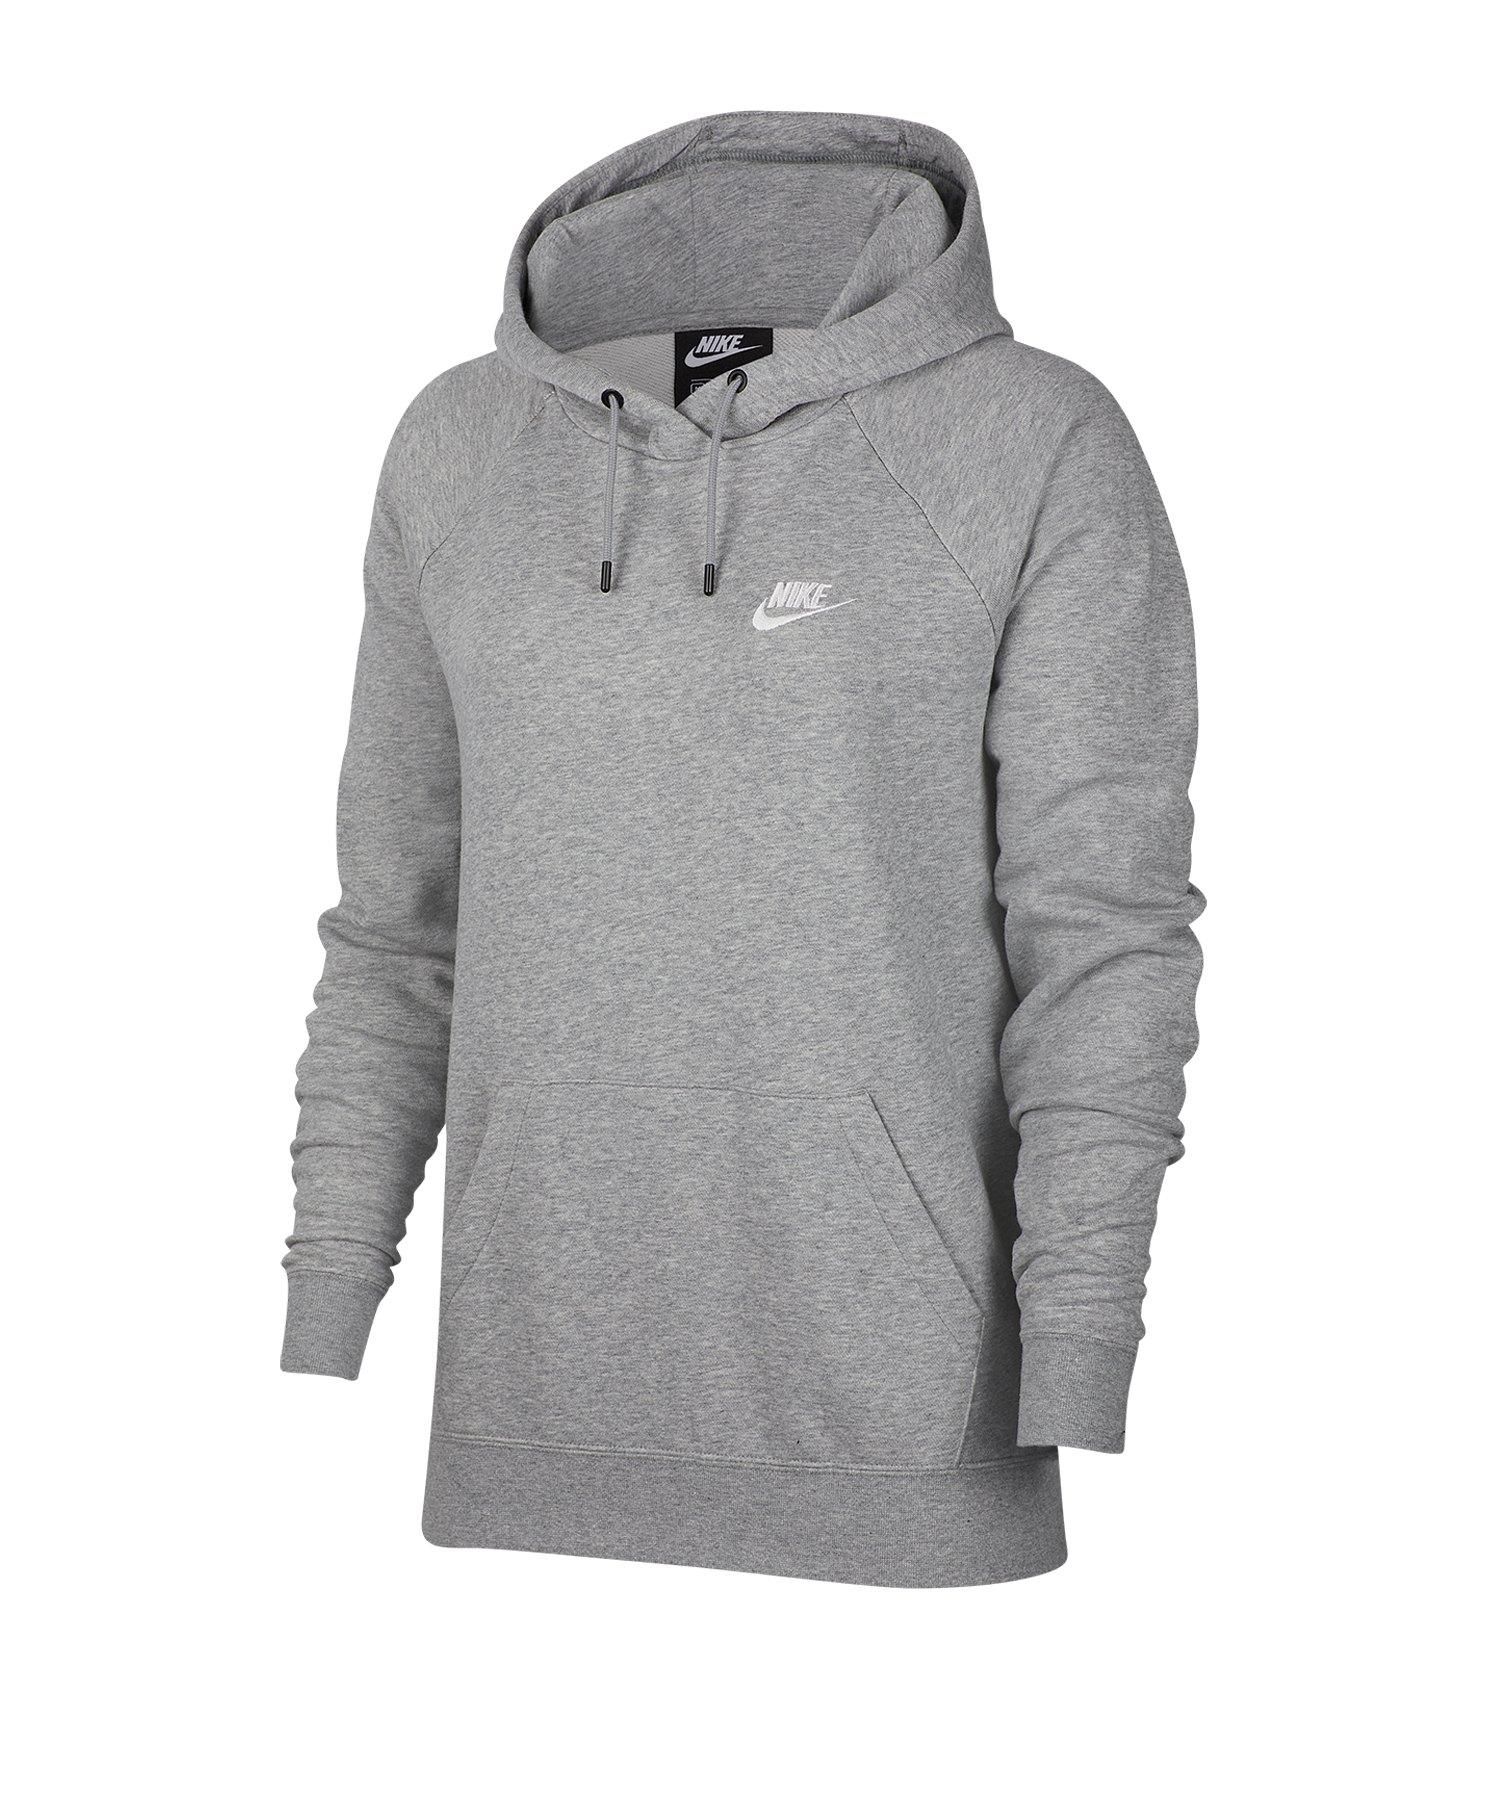 Nike Essential Kapuzensweatshirt Damen Grau F063 - grau